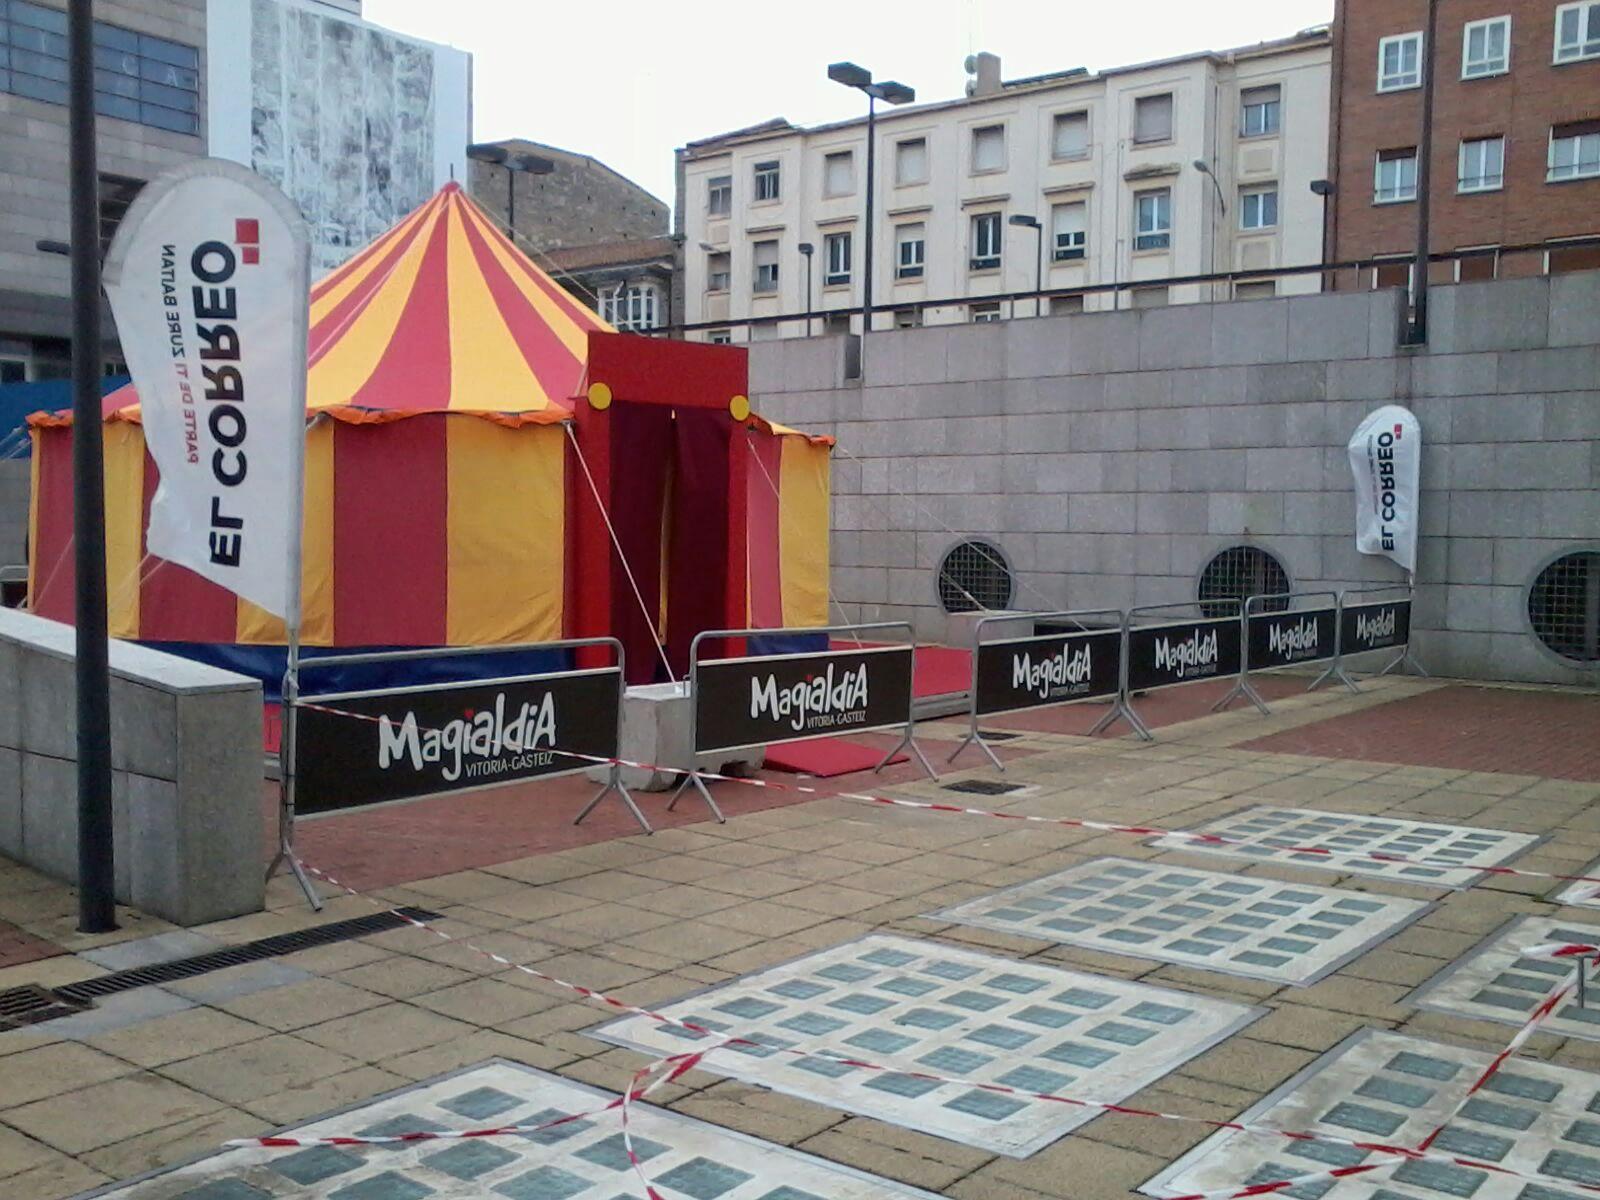 evento kit  carpa de circo donde se realizan talleres infantiles.